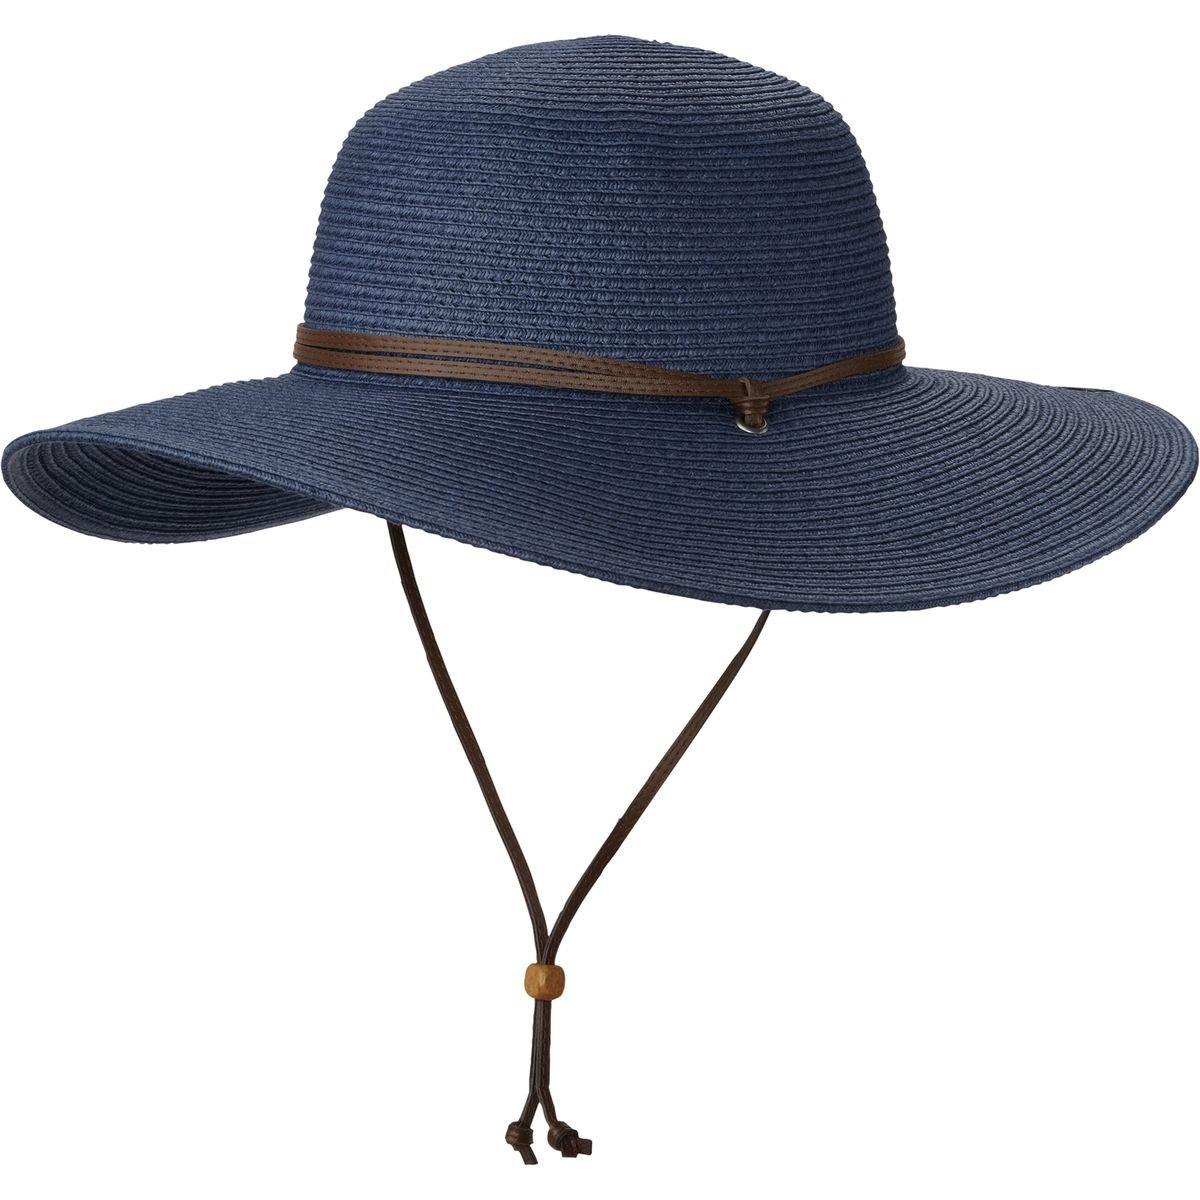 (コロンビア) Columbia Global Adventure Packable Hat - Women'sメンズ バックパック リュック Nocturnal [並行輸入品] Large / X-Large  B079FPQT49